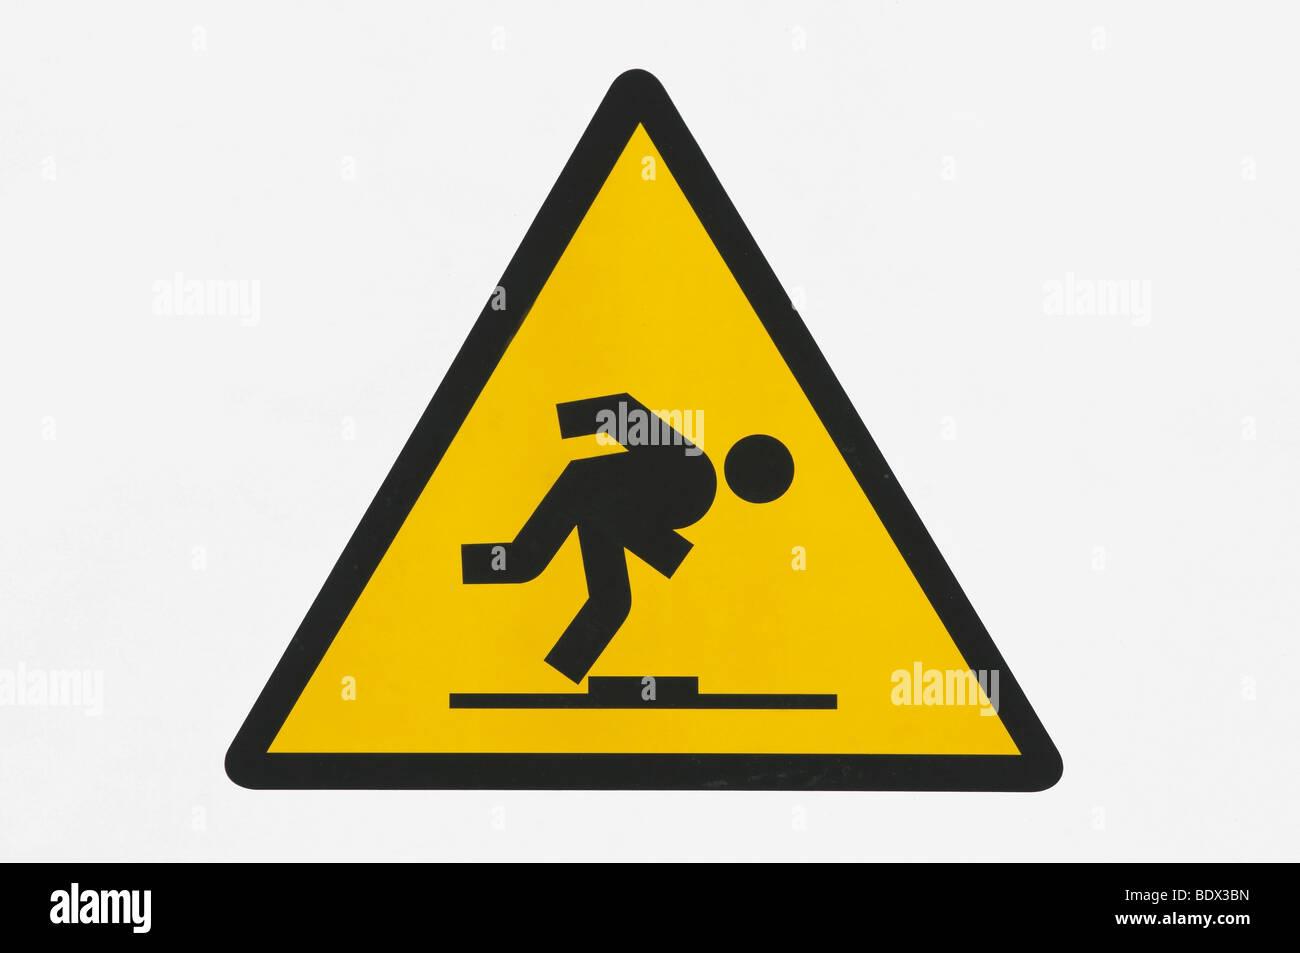 Warning sign, danger of stumbling Stock Photo